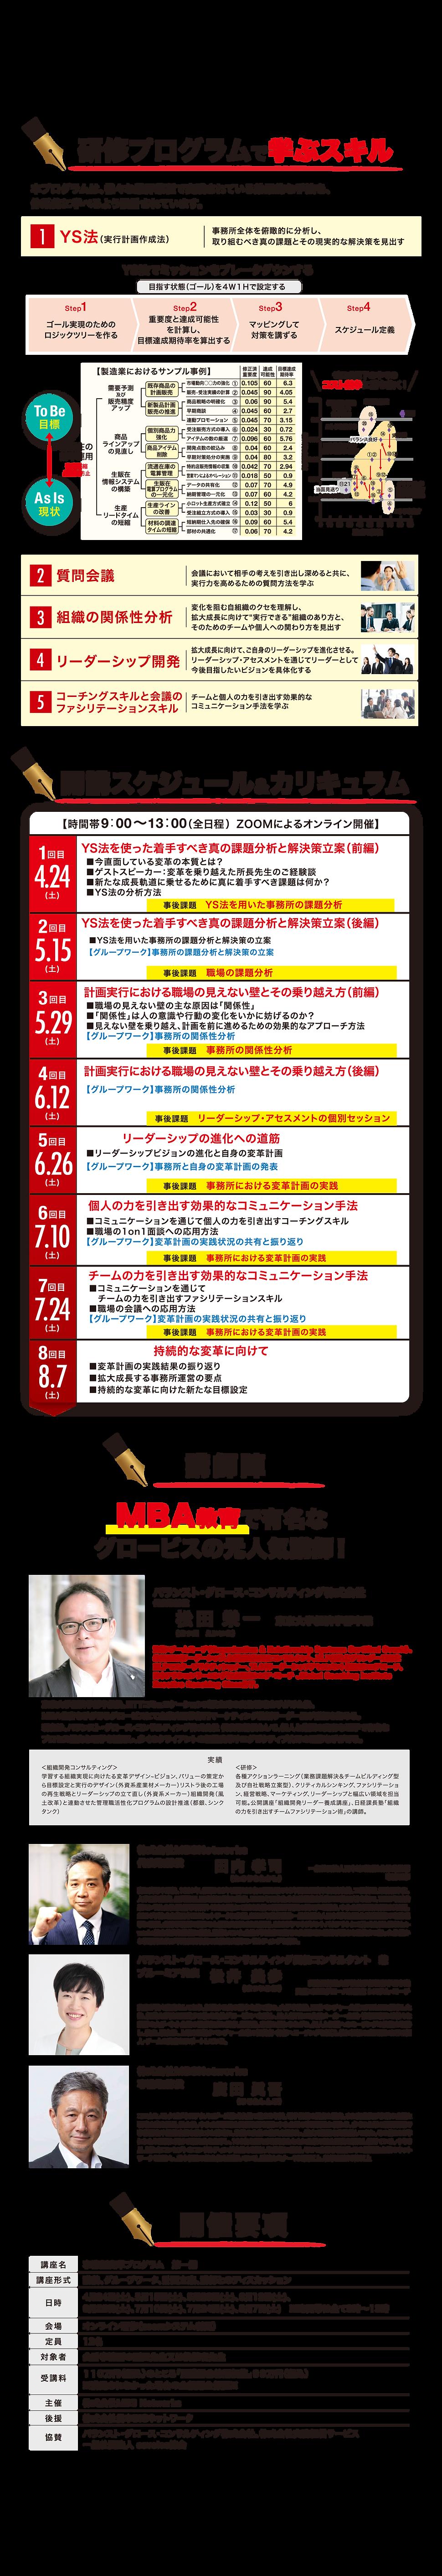 ビジネス講座02 (2).png